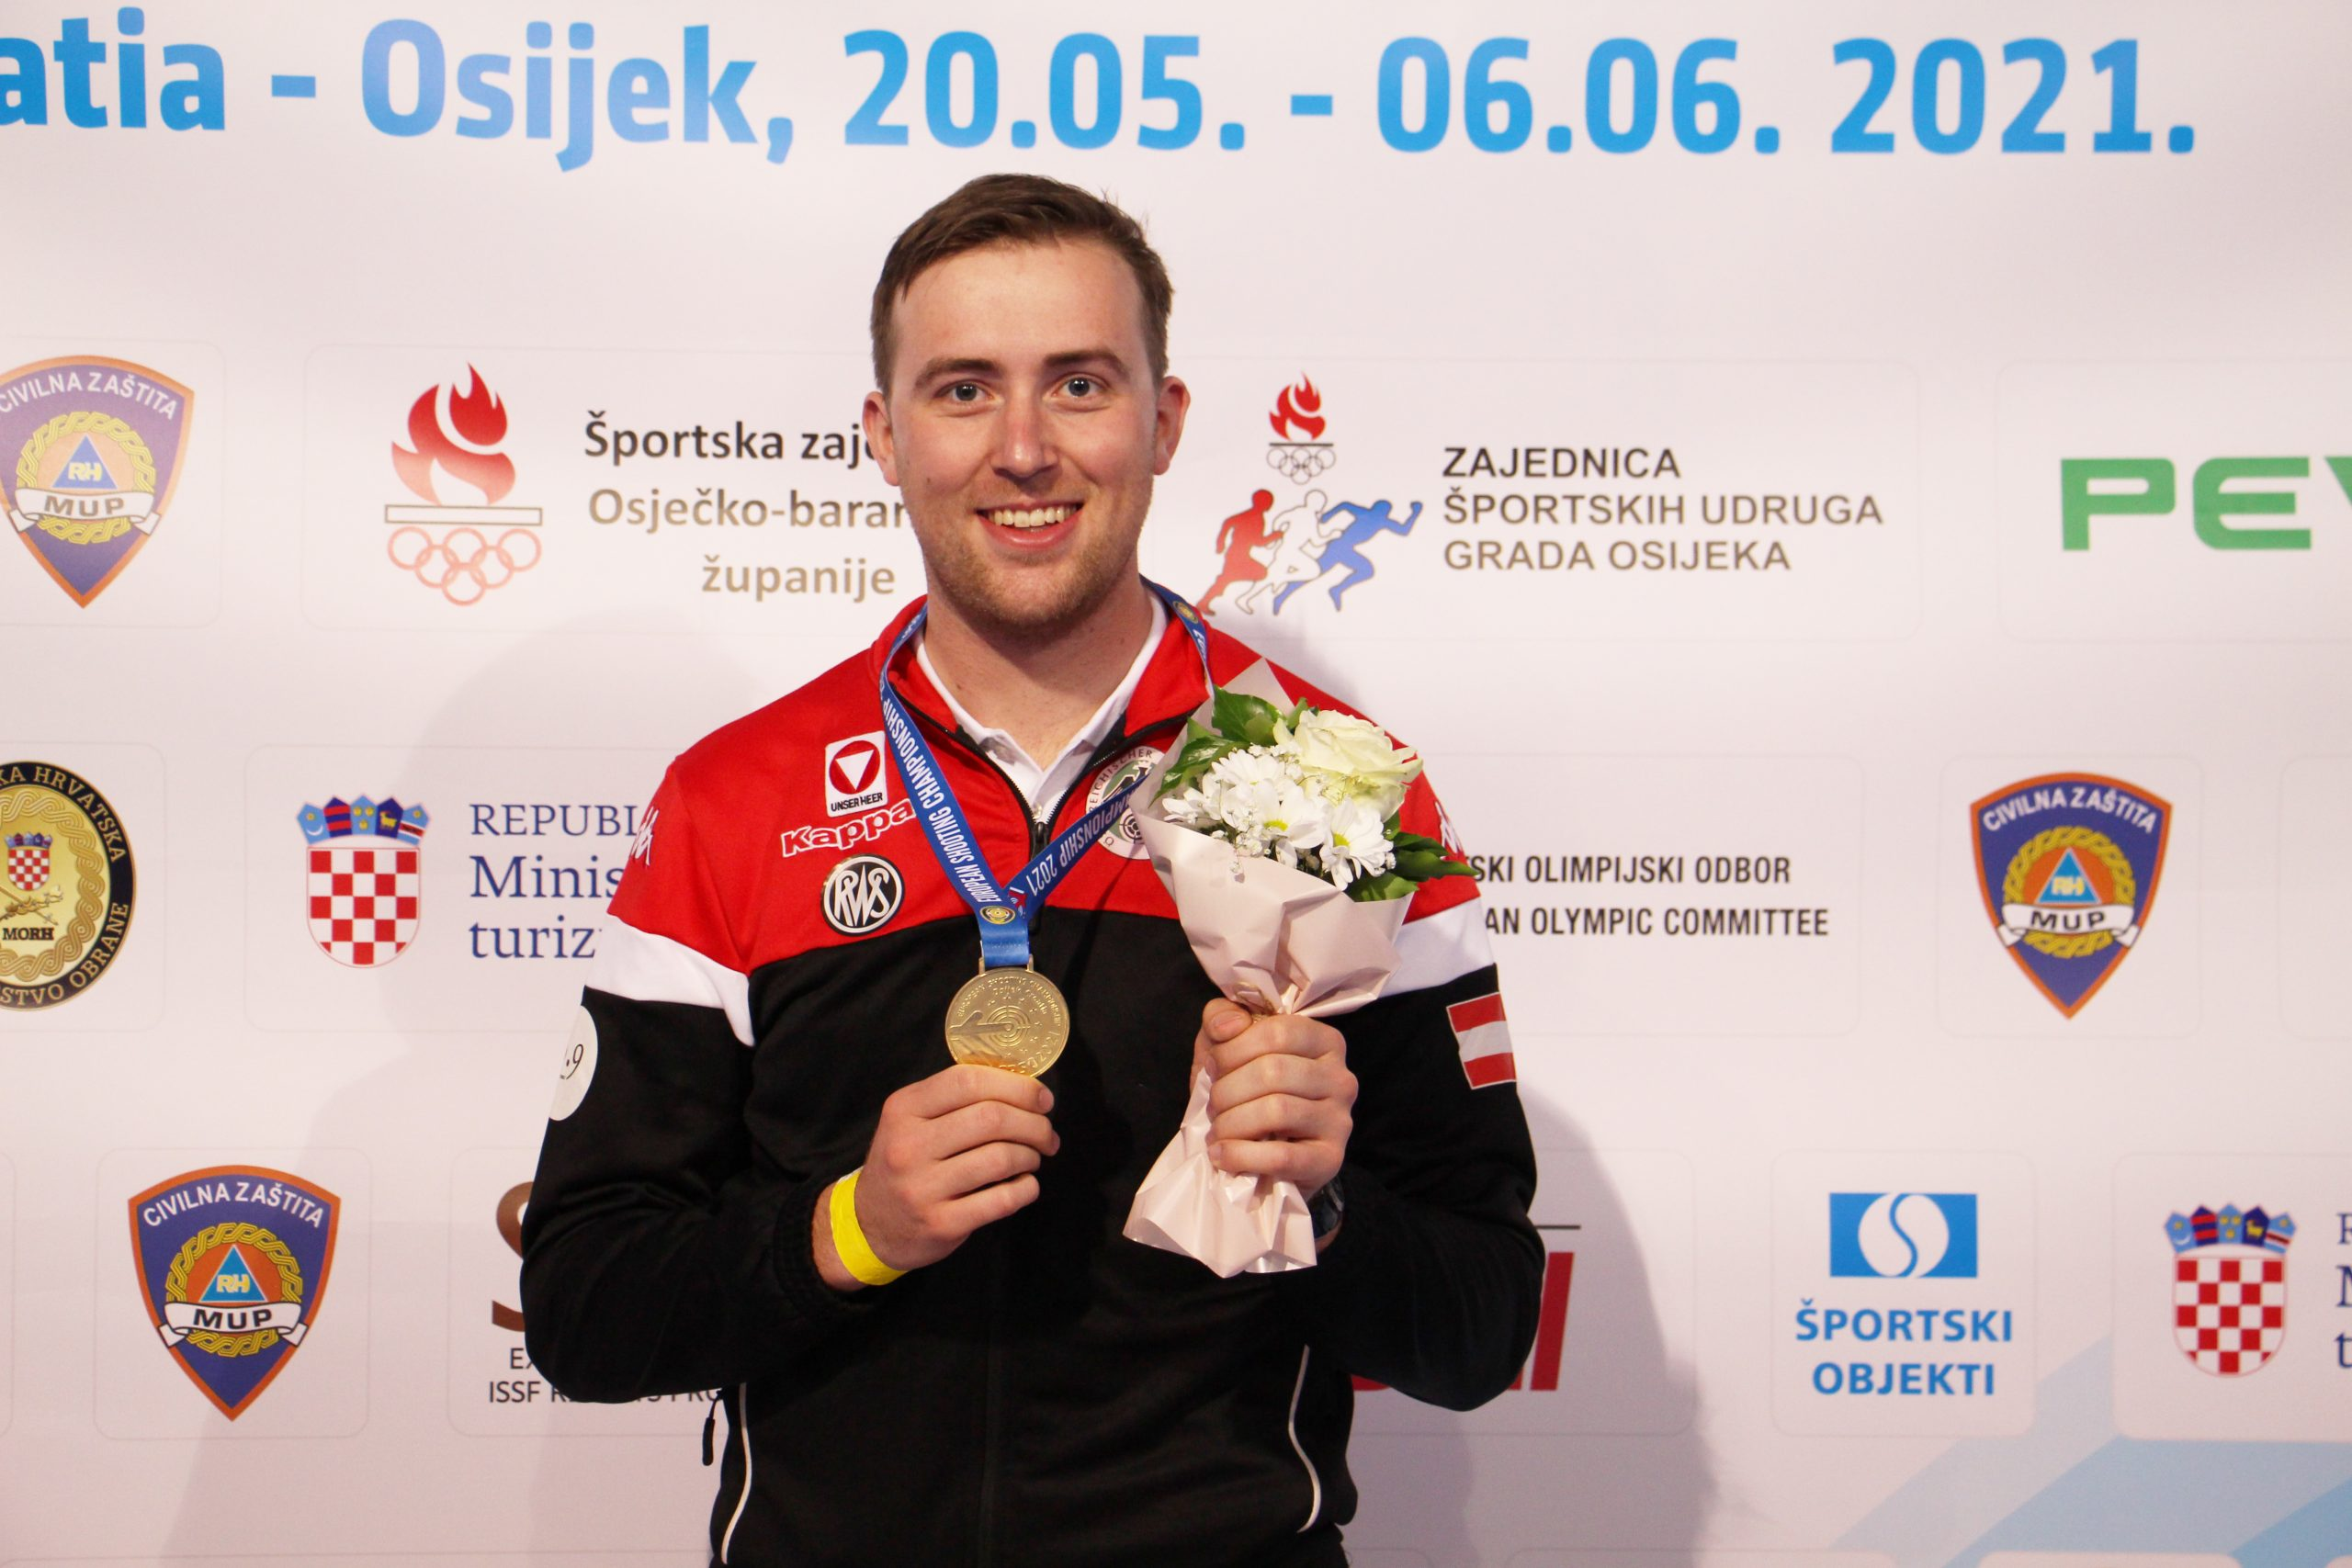 Gernot Rumpler neuer Europameister im 300m-Gewehr Liegend mit eingestelltem Weltrekord © Margit Melmer, ÖSB